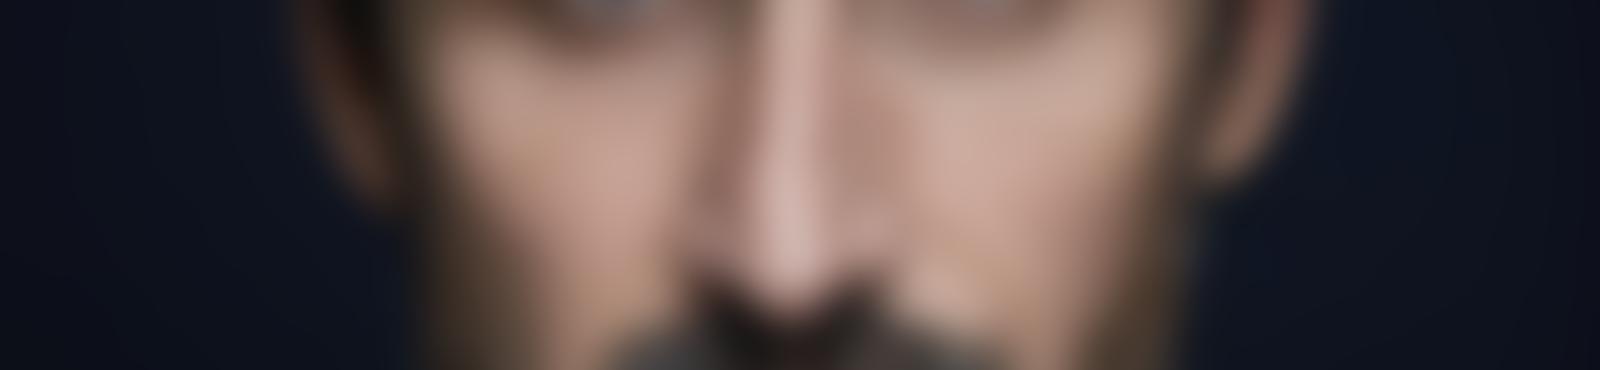 Blurred 5d7d47d4 57ed 4388 8328 f592c9e1080b